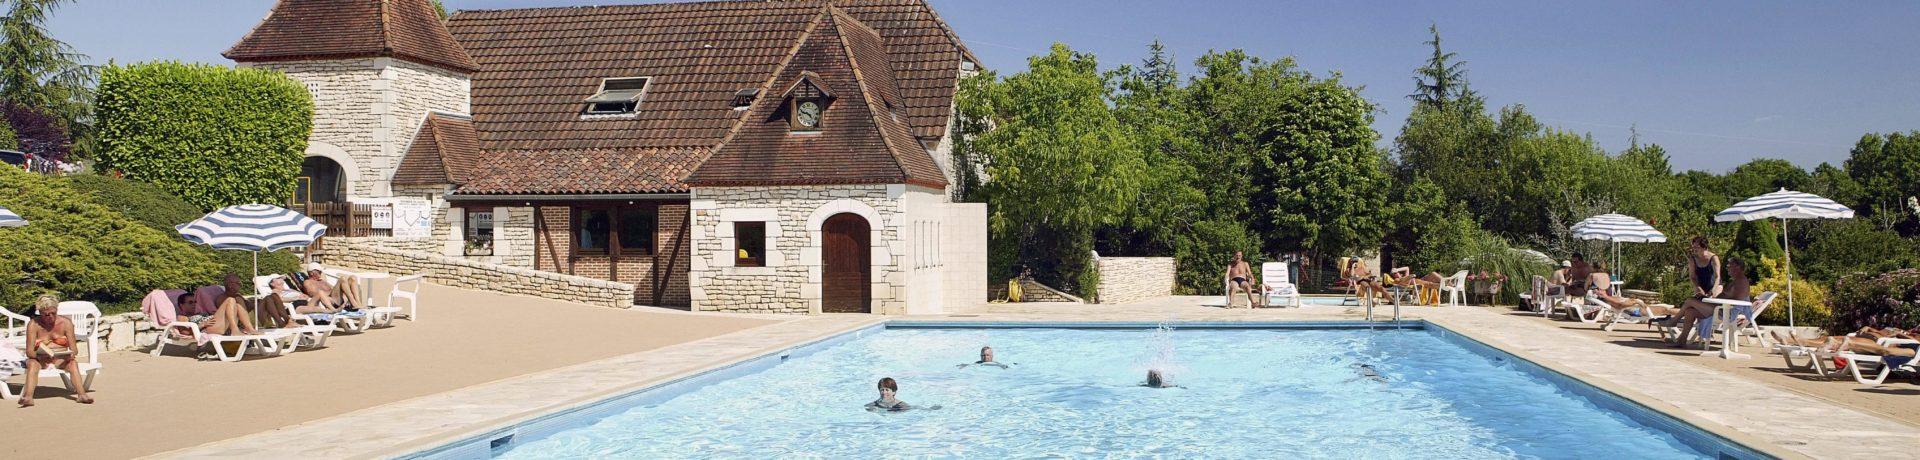 Domaine de la Paille Basse is een charme camping in de omgeving van Souillac, Lot in Midi-Pyrénées.